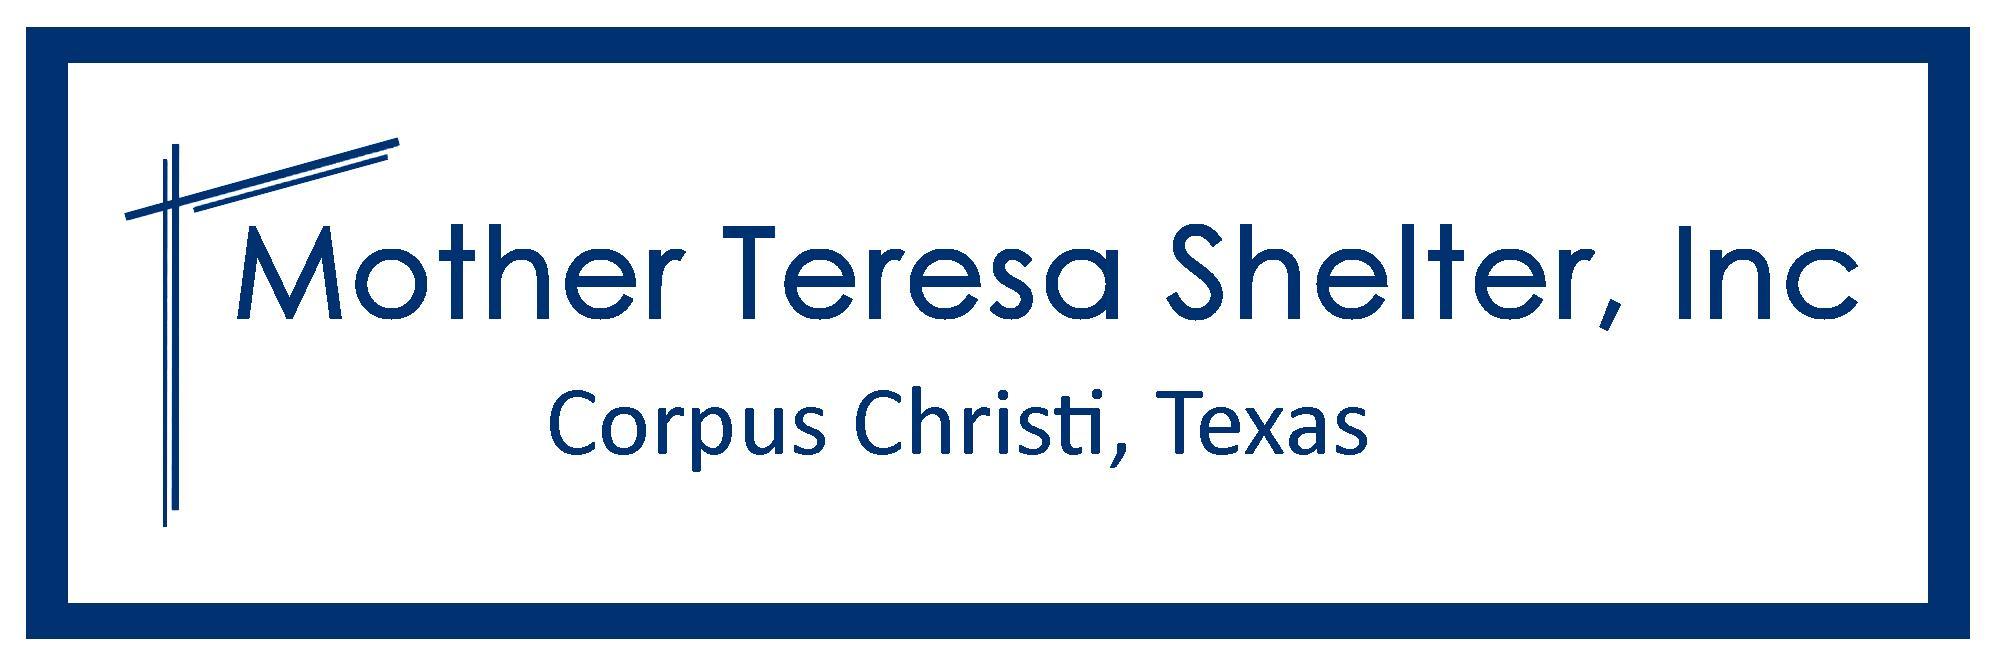 Mother Teresa Shelter